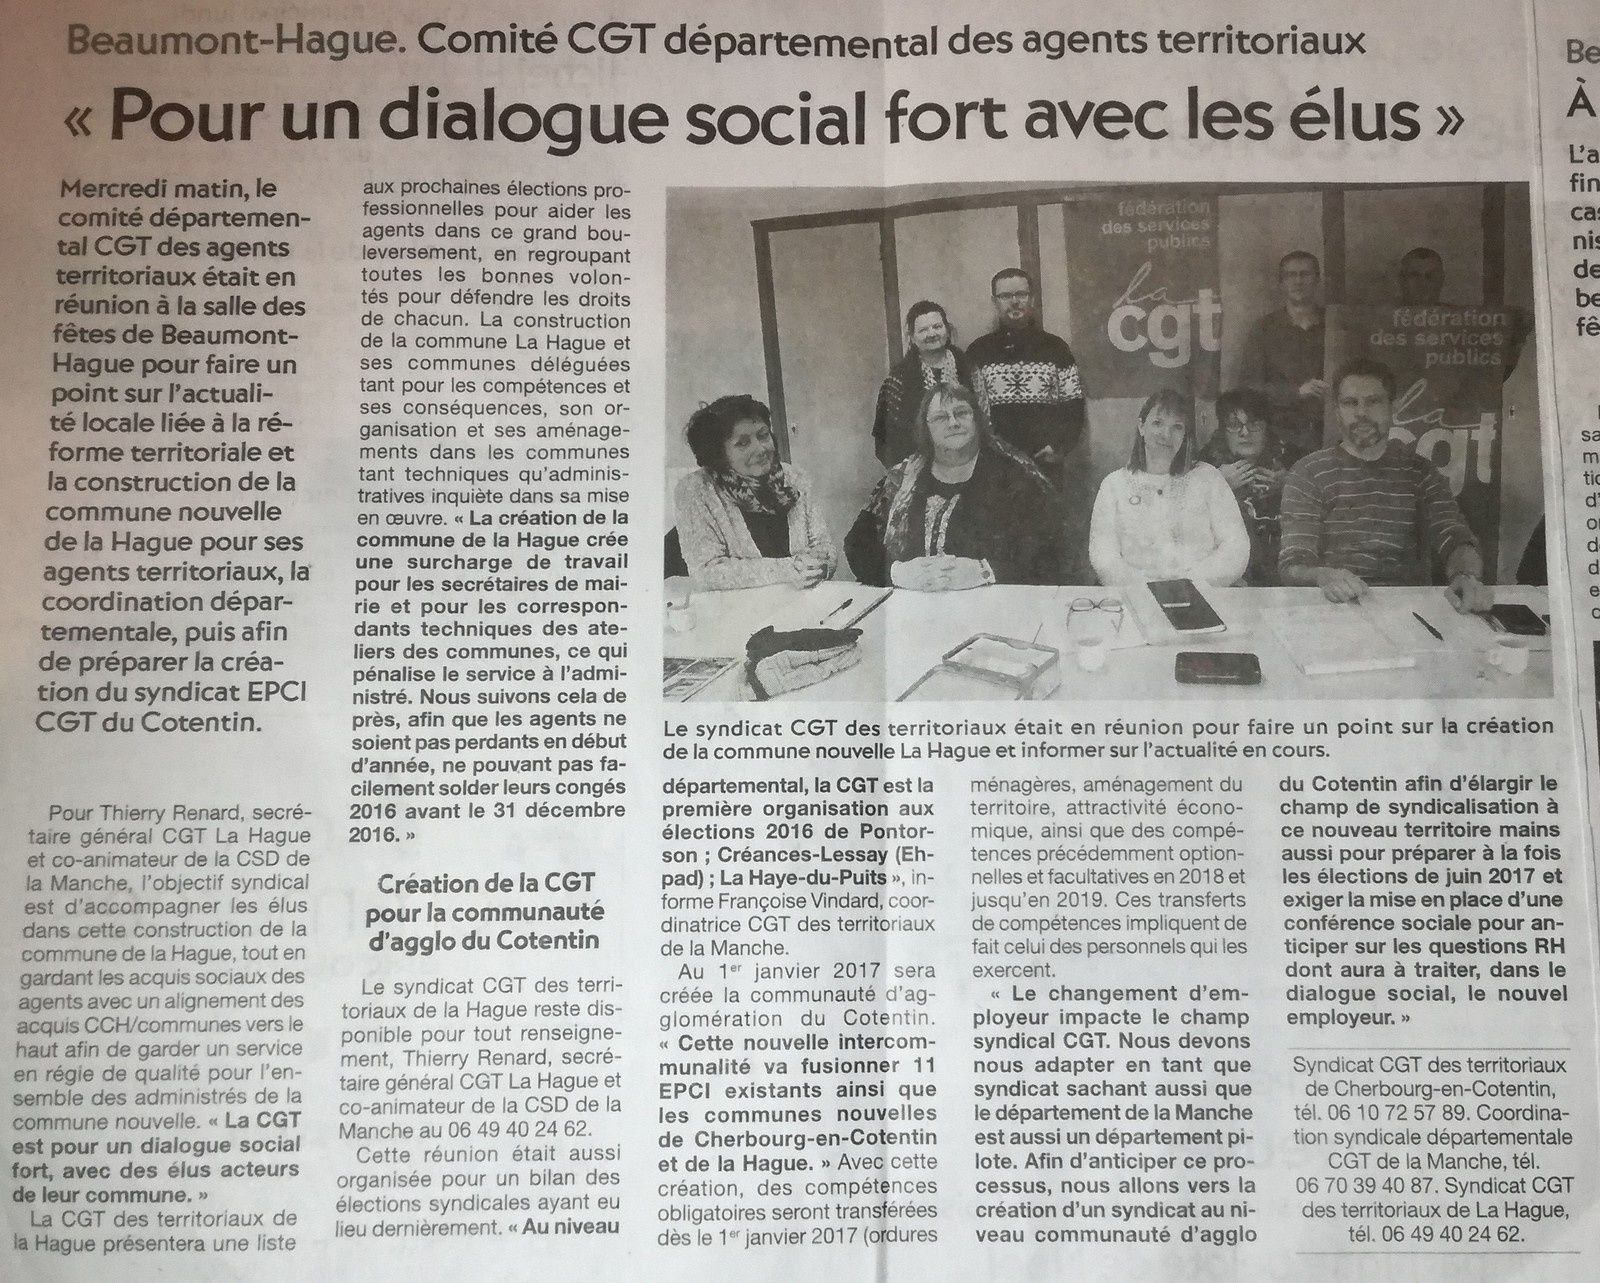 Un dialogue social avec la CGT